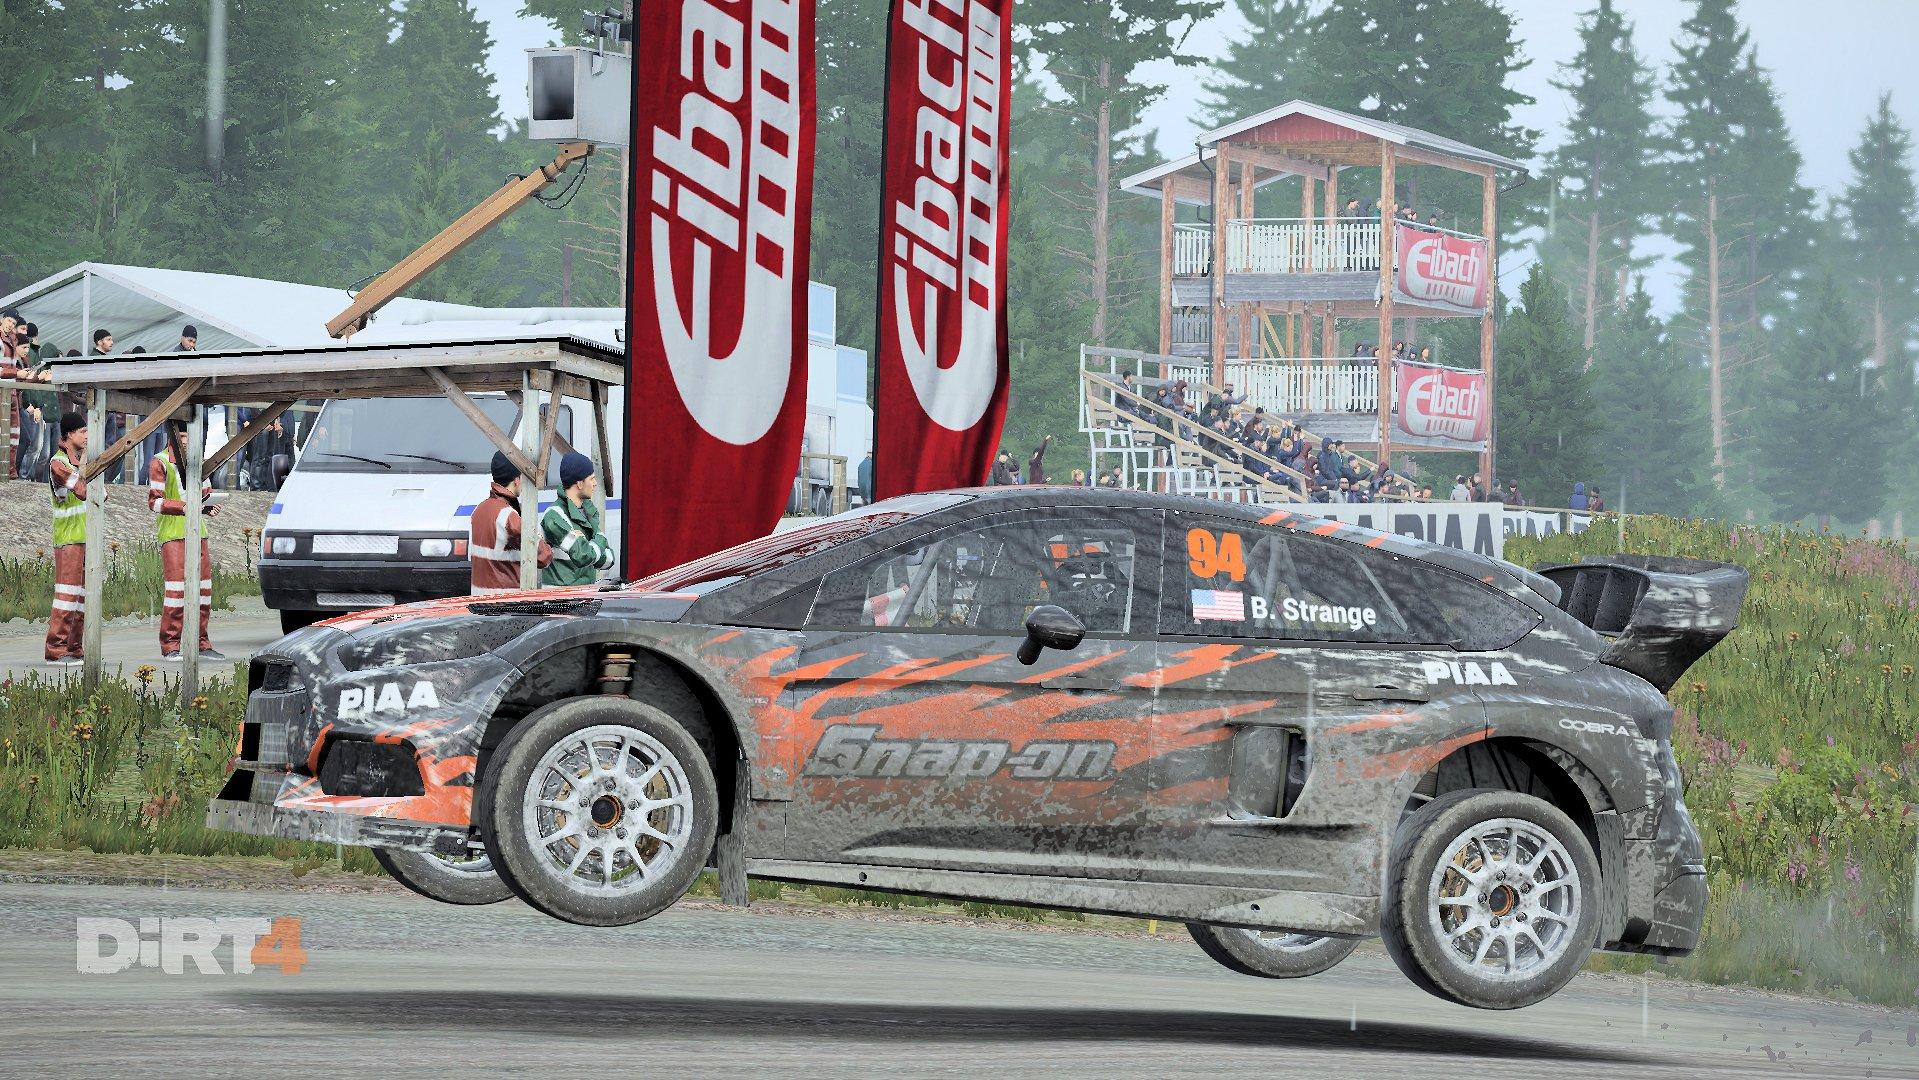 DiRT 4 Rallycross Focus RS